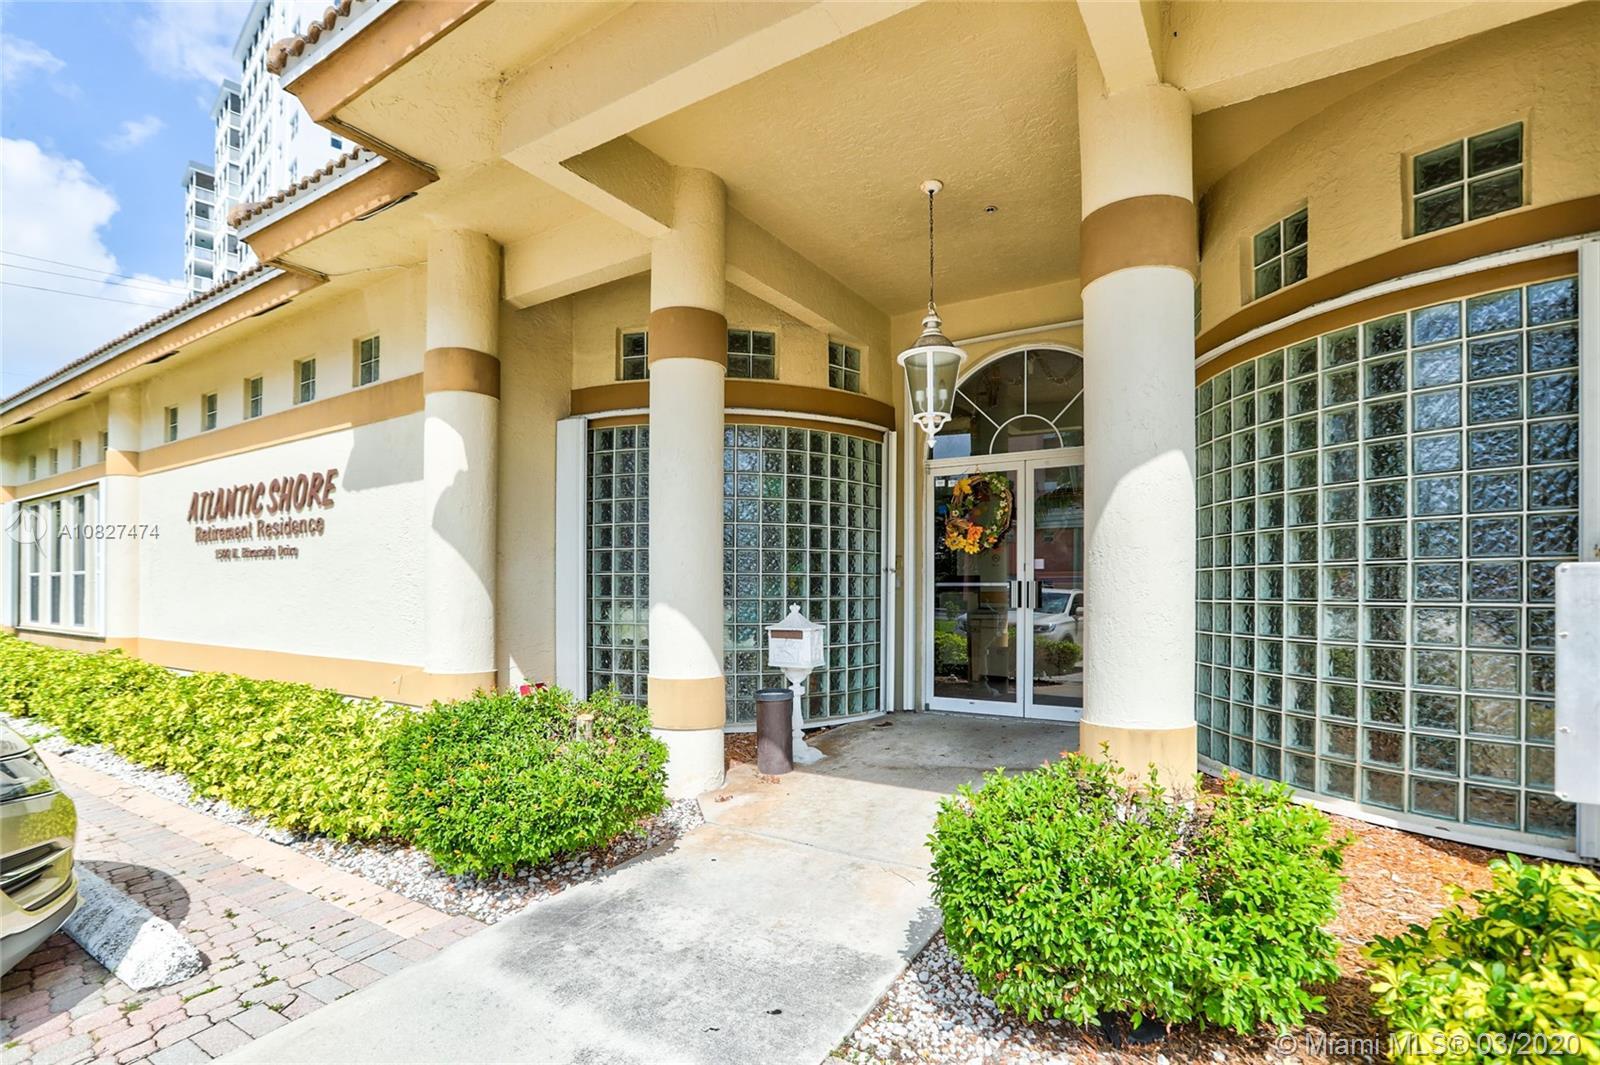 1500 N Riverside Dr  For Sale A10827474, FL